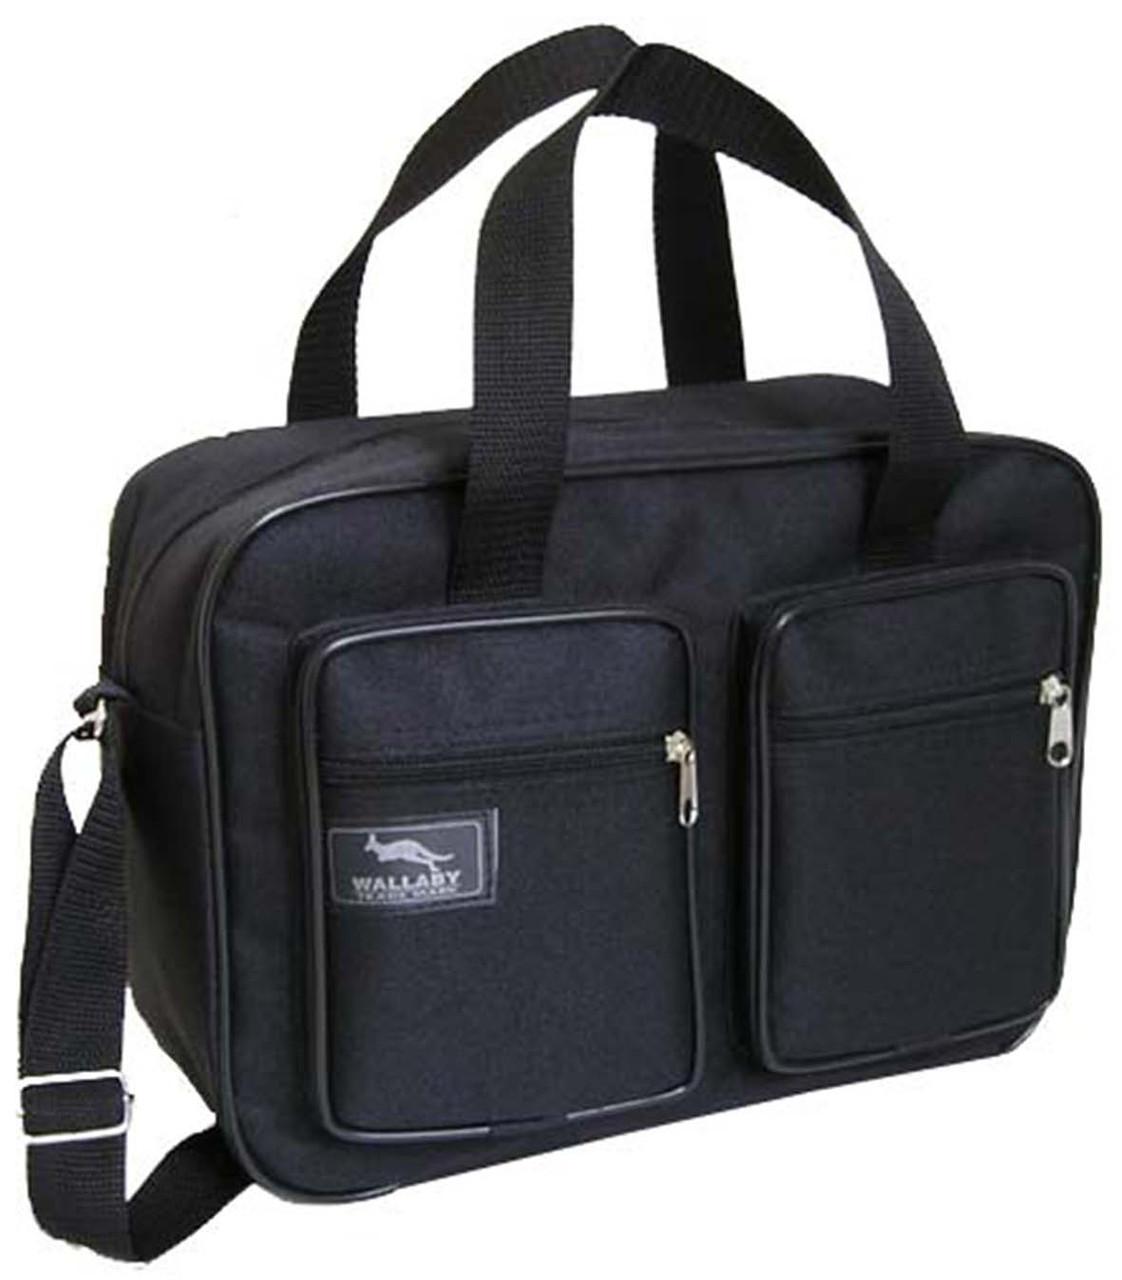 4938f5fb33cd Мужская сумка Wallaby 2610 черная барсетка через плечо папка портфель А4  32х24х10см